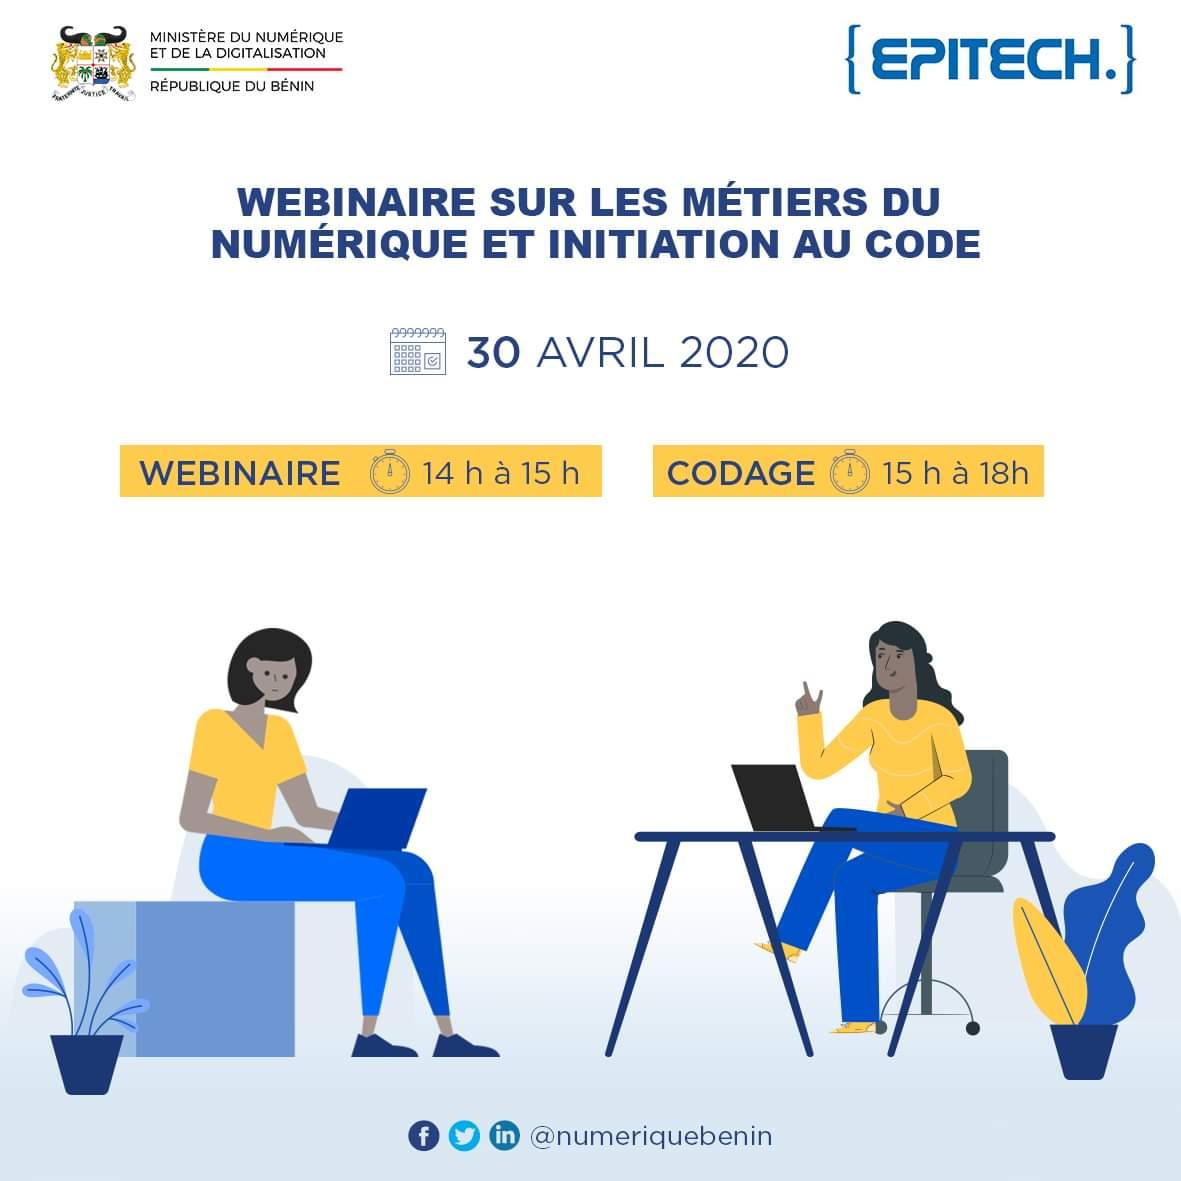 Prenez dès maintenant le rendez-vous pour participer au Webinaire sur les métiers du numérique et l'initiation au code en remplissant le formulaire à l'adresse suivante :  https://t.co/v8qI6FIkT7  #BeninNumerique #wasexo  @numeriquebenin @gouvbenin @ITU @UNICEF_Benin @ab_benin https://t.co/YdnJZcjyMc